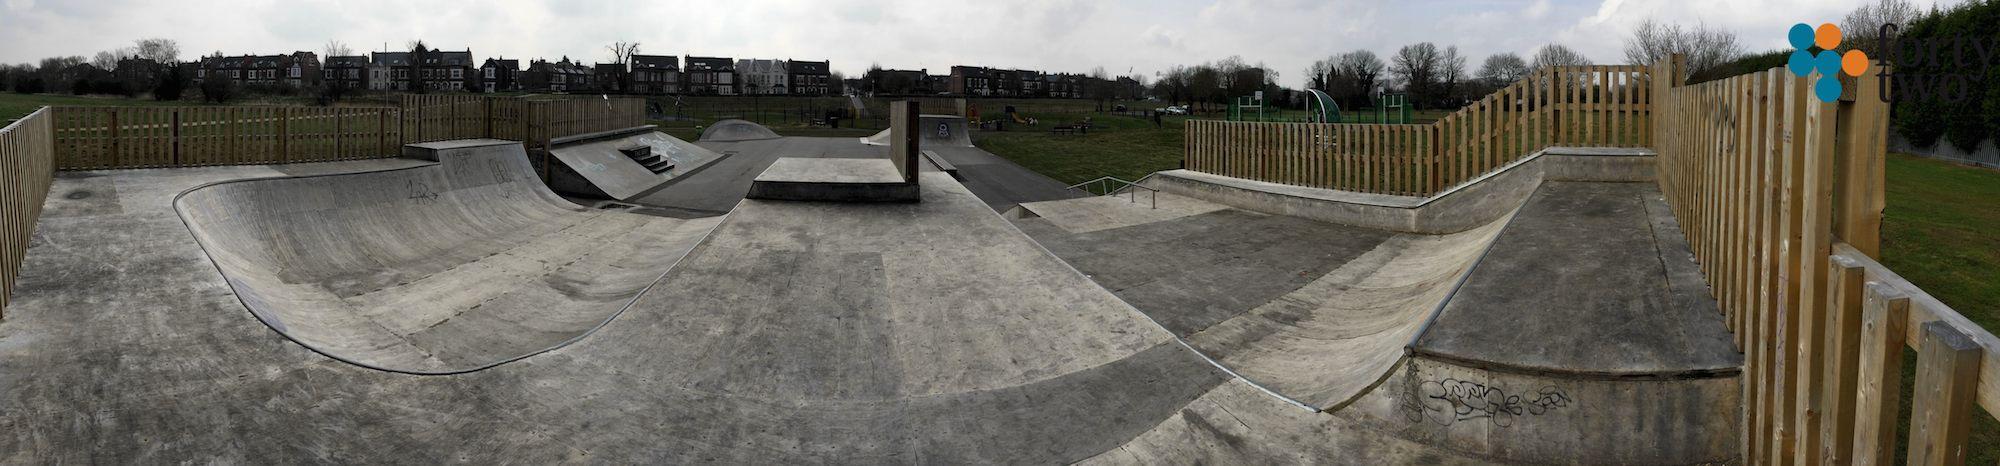 Lady Bay Skatepark Nottingham Panarama 2